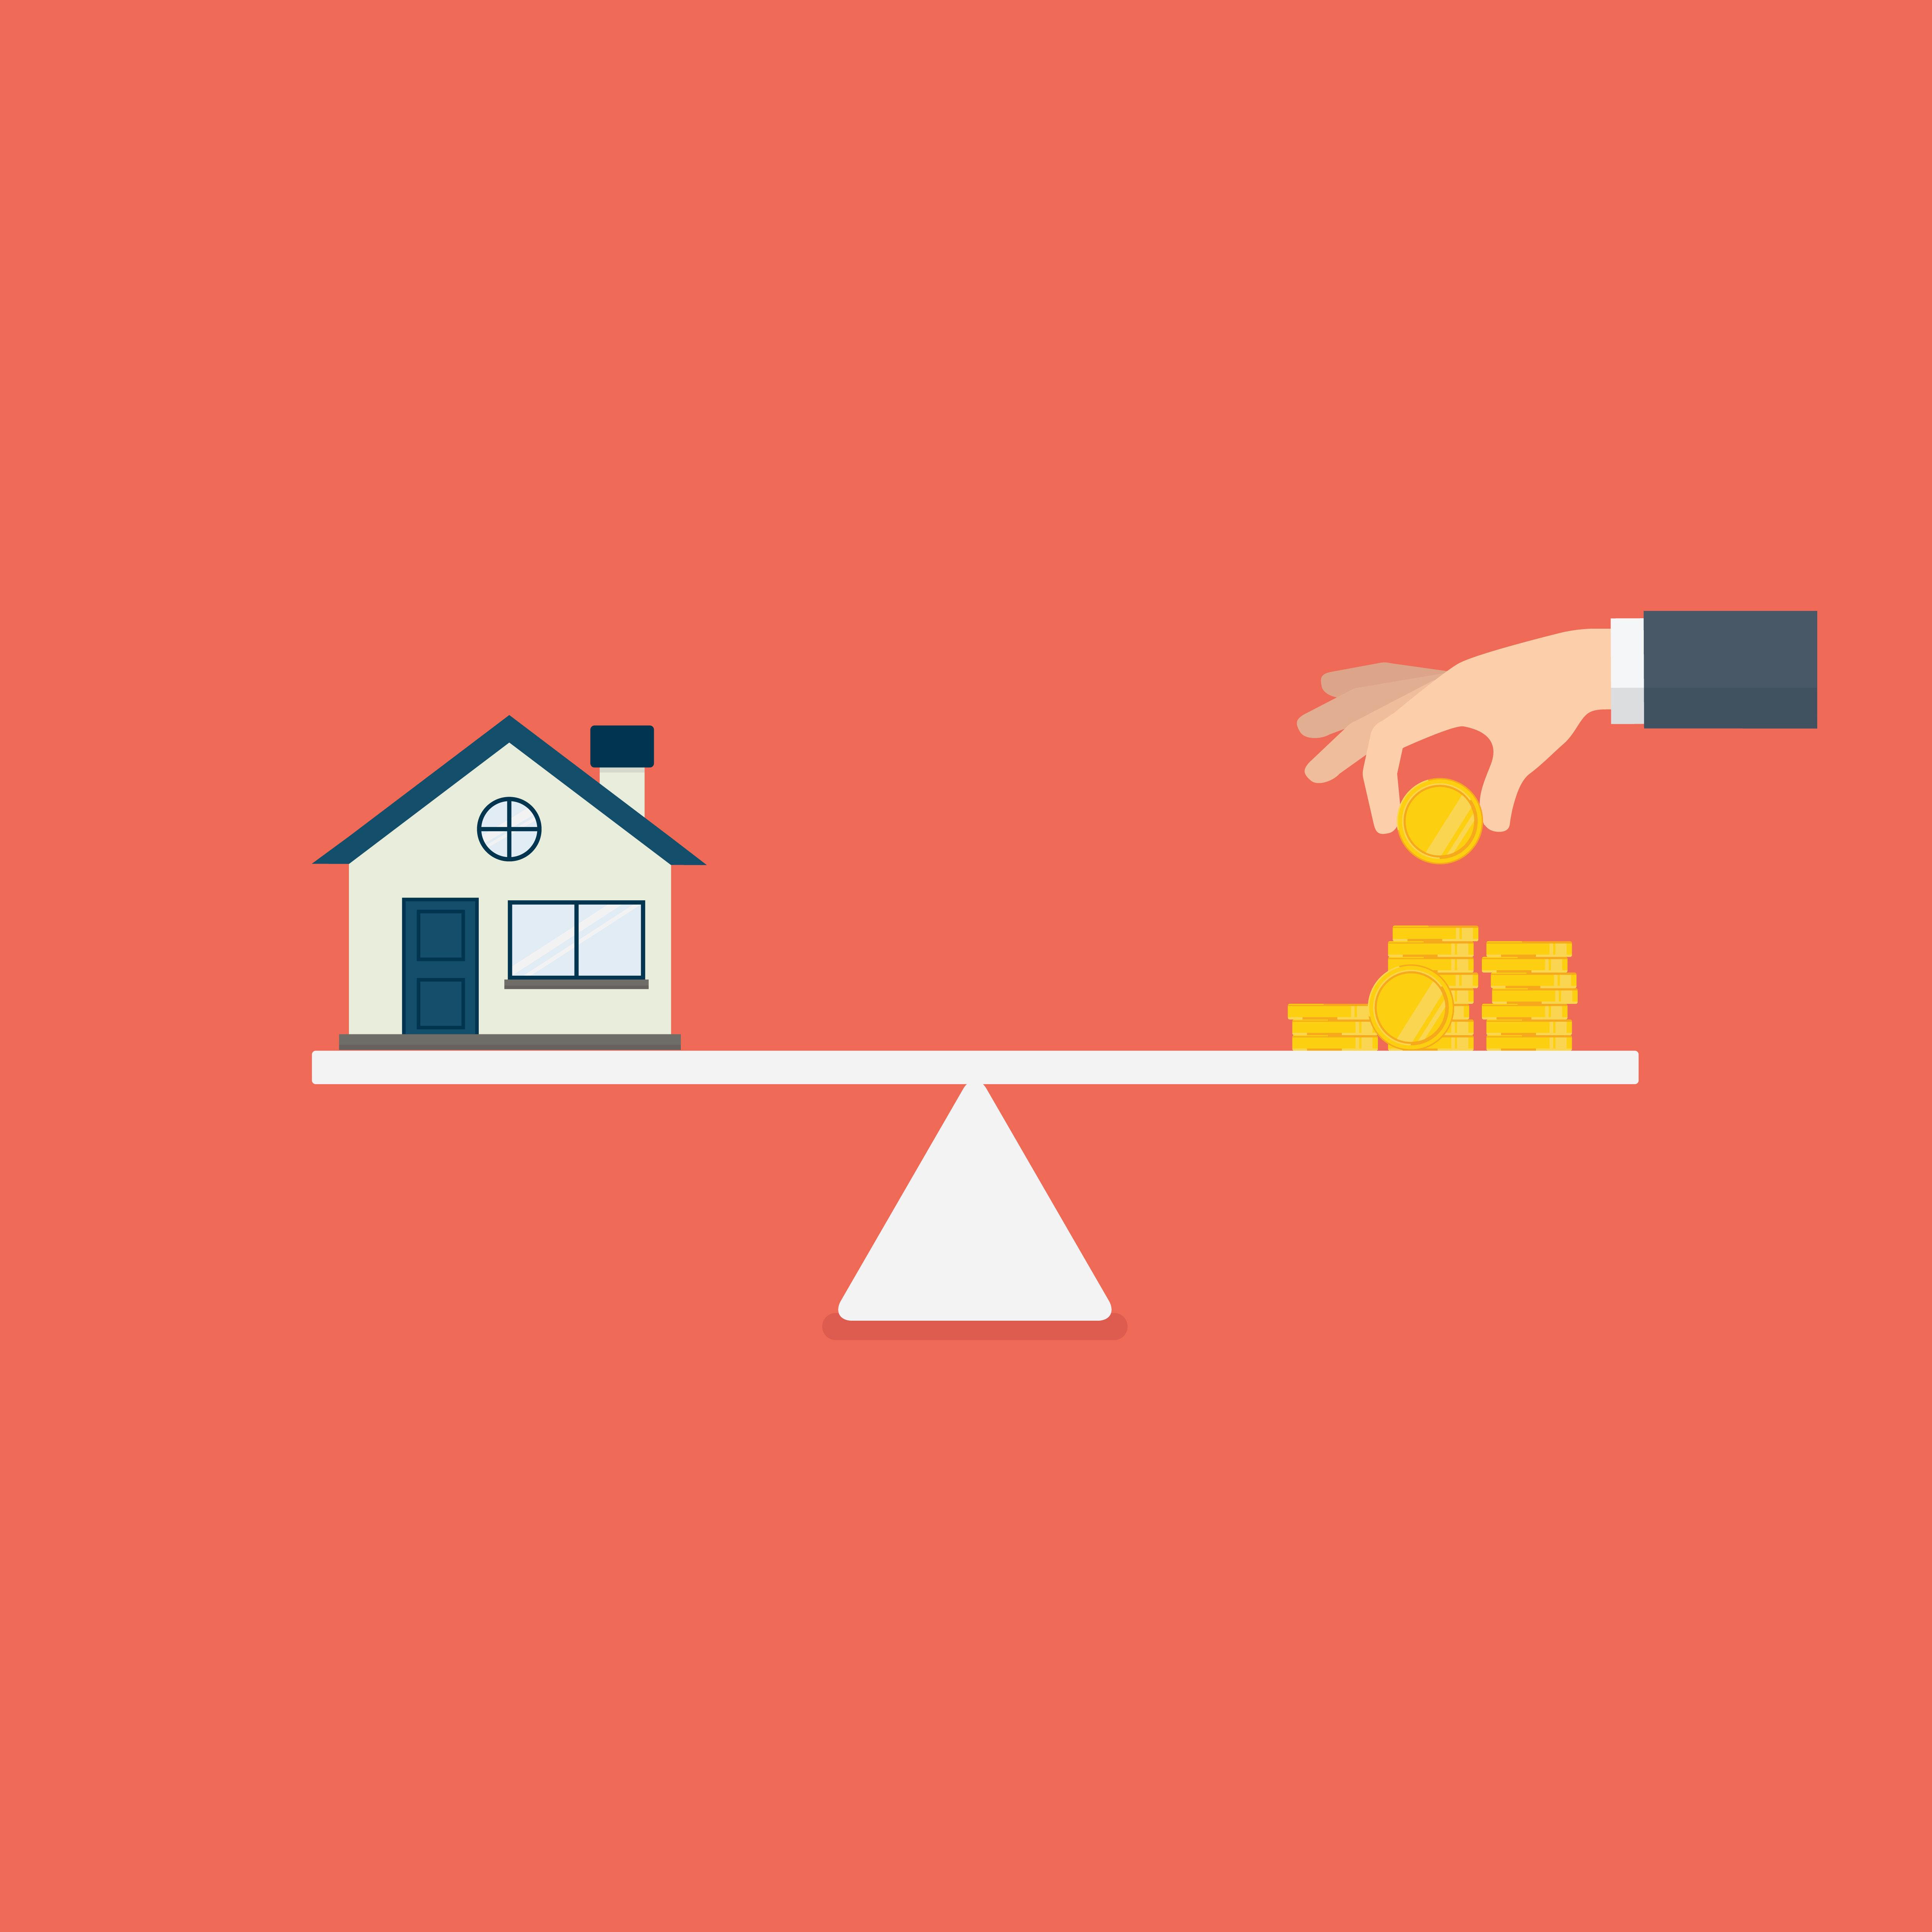 Κόκκινα δάνεια και προστασία πρώτης κατοικίας: Όλα στο τραπέζι χωρίς να έχει κλειδώσει